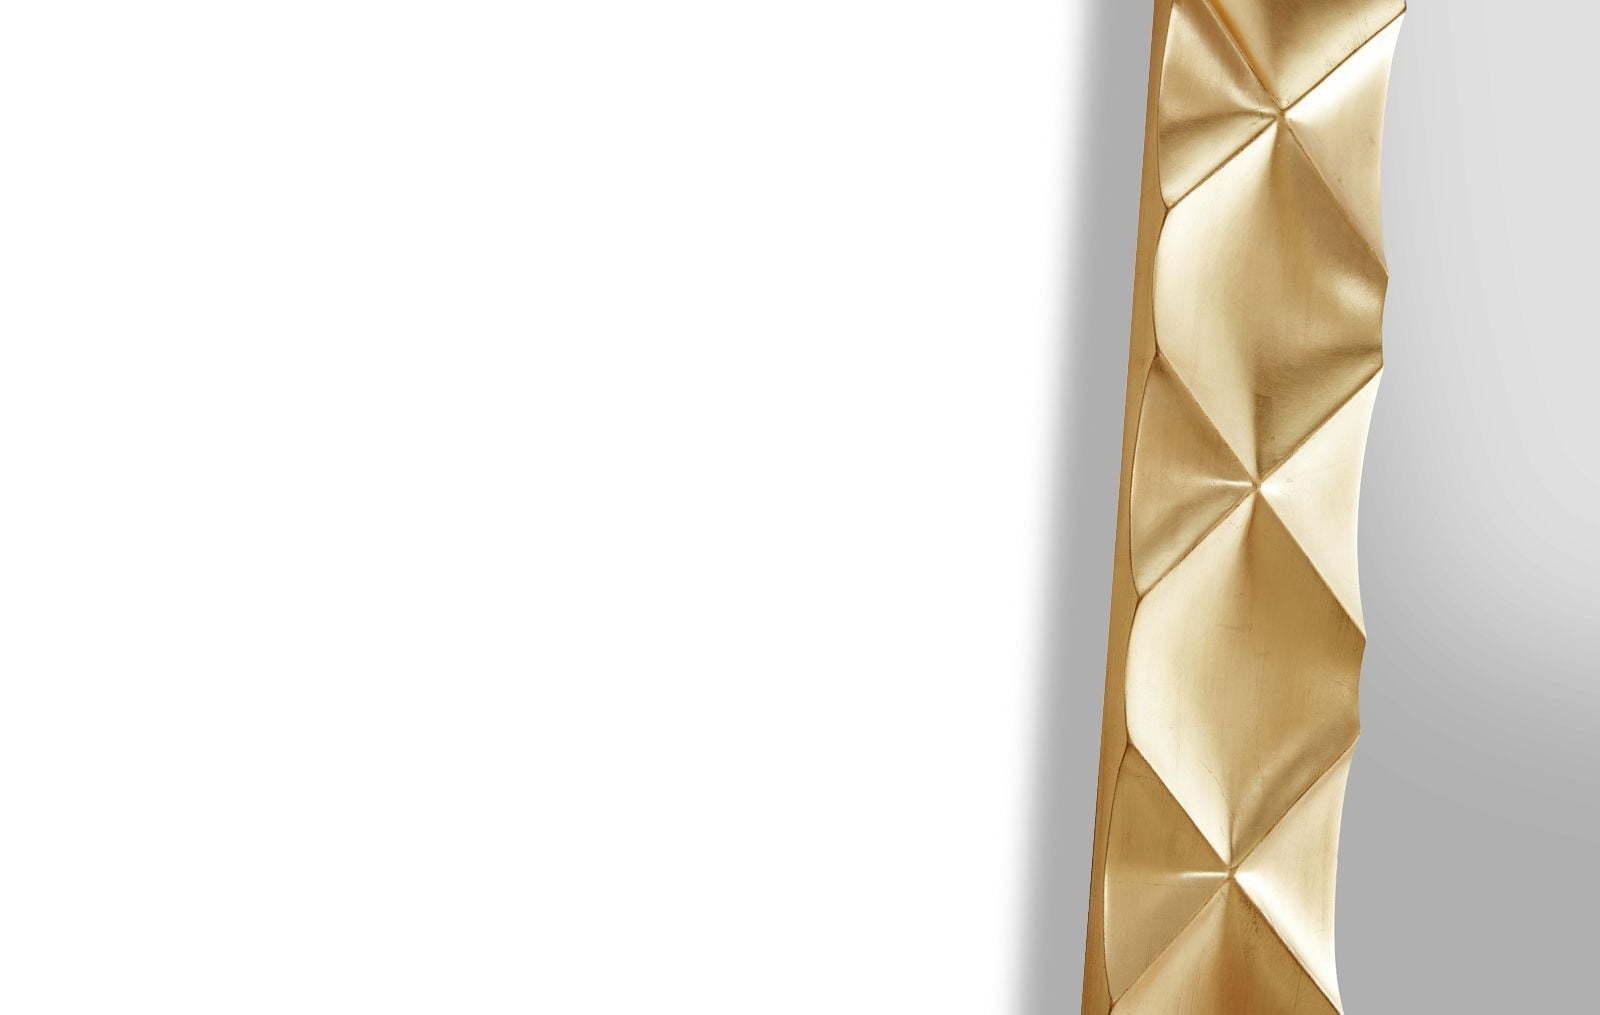 Зеркало DUPEN (Дюпен) PU182-1 золото